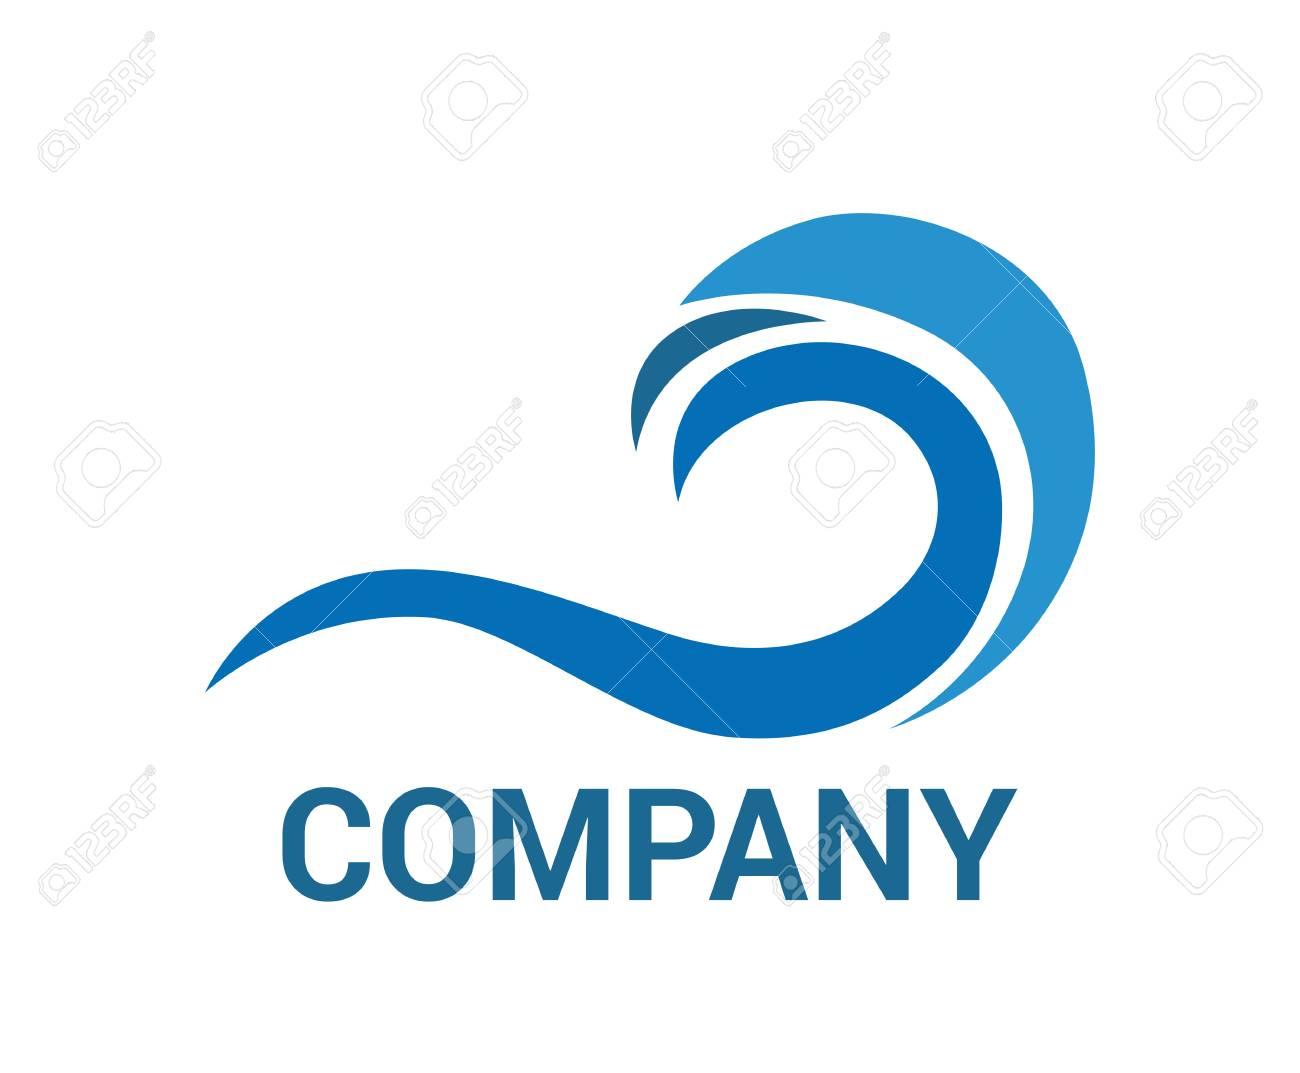 blue sea or ocean wave vector logo design idea template illustration concept stock vector 106829282